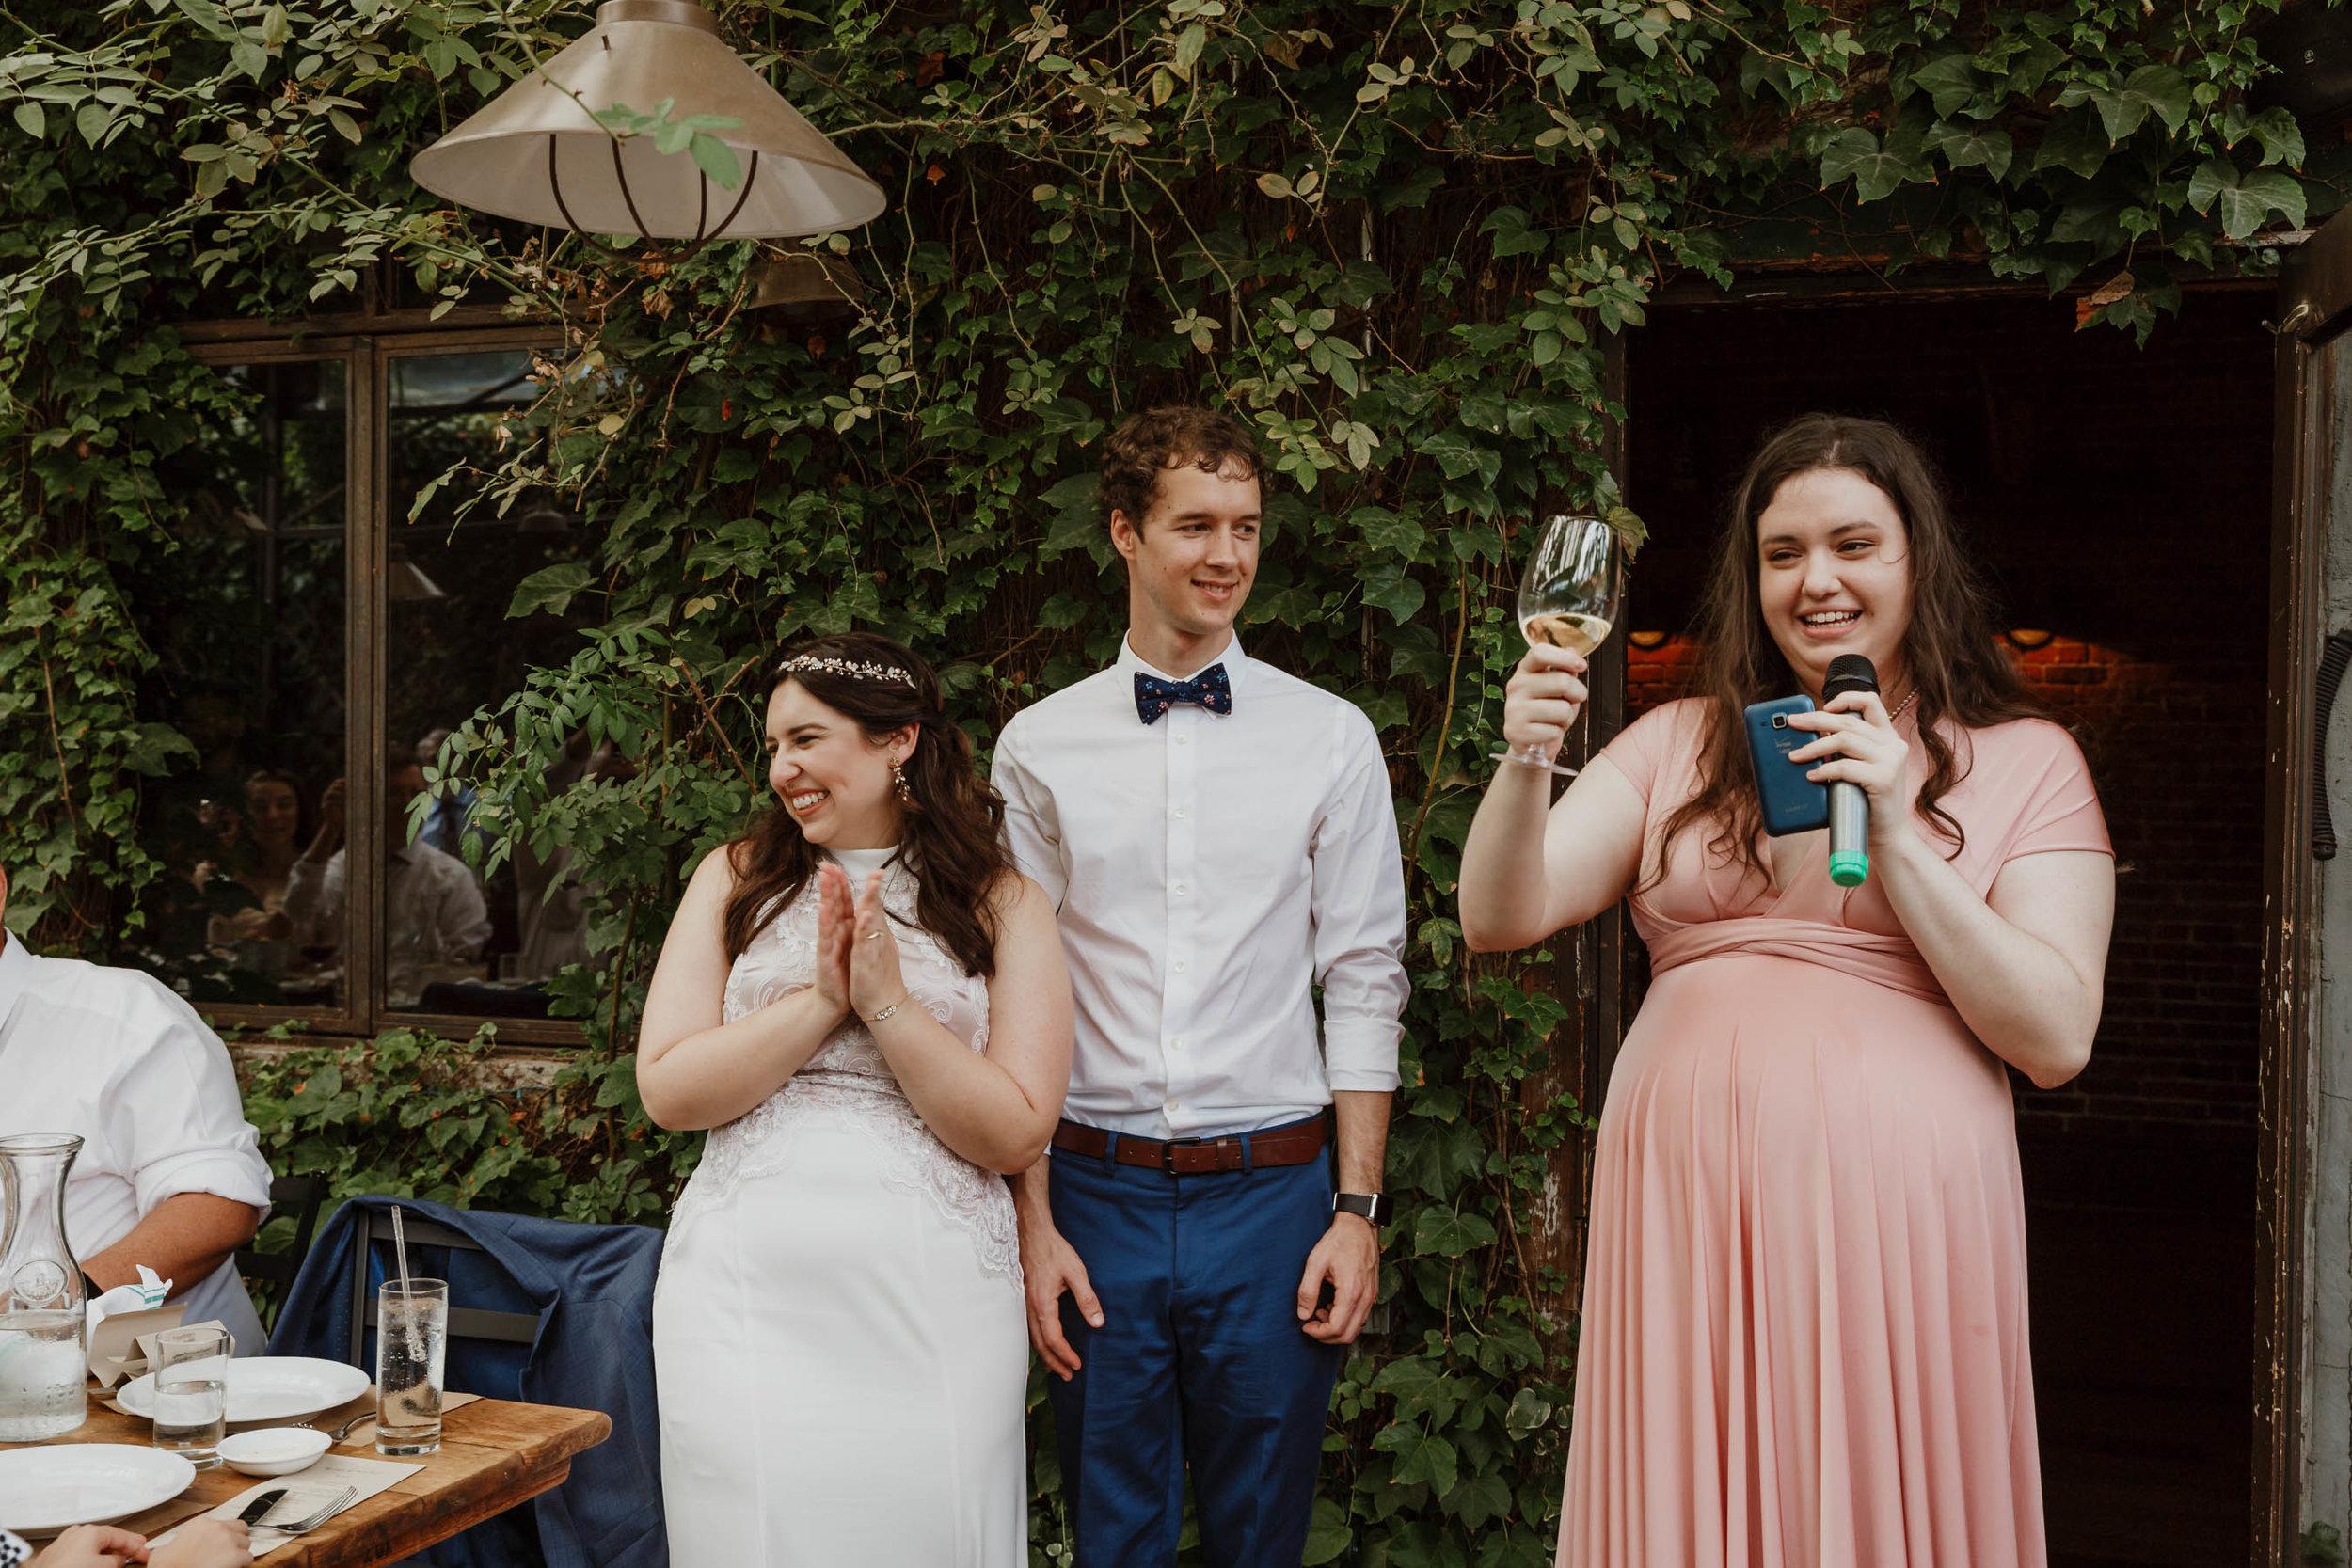 aurora-restaurant-wedding-photographer-elizabeth-tsung-photo-73.jpg